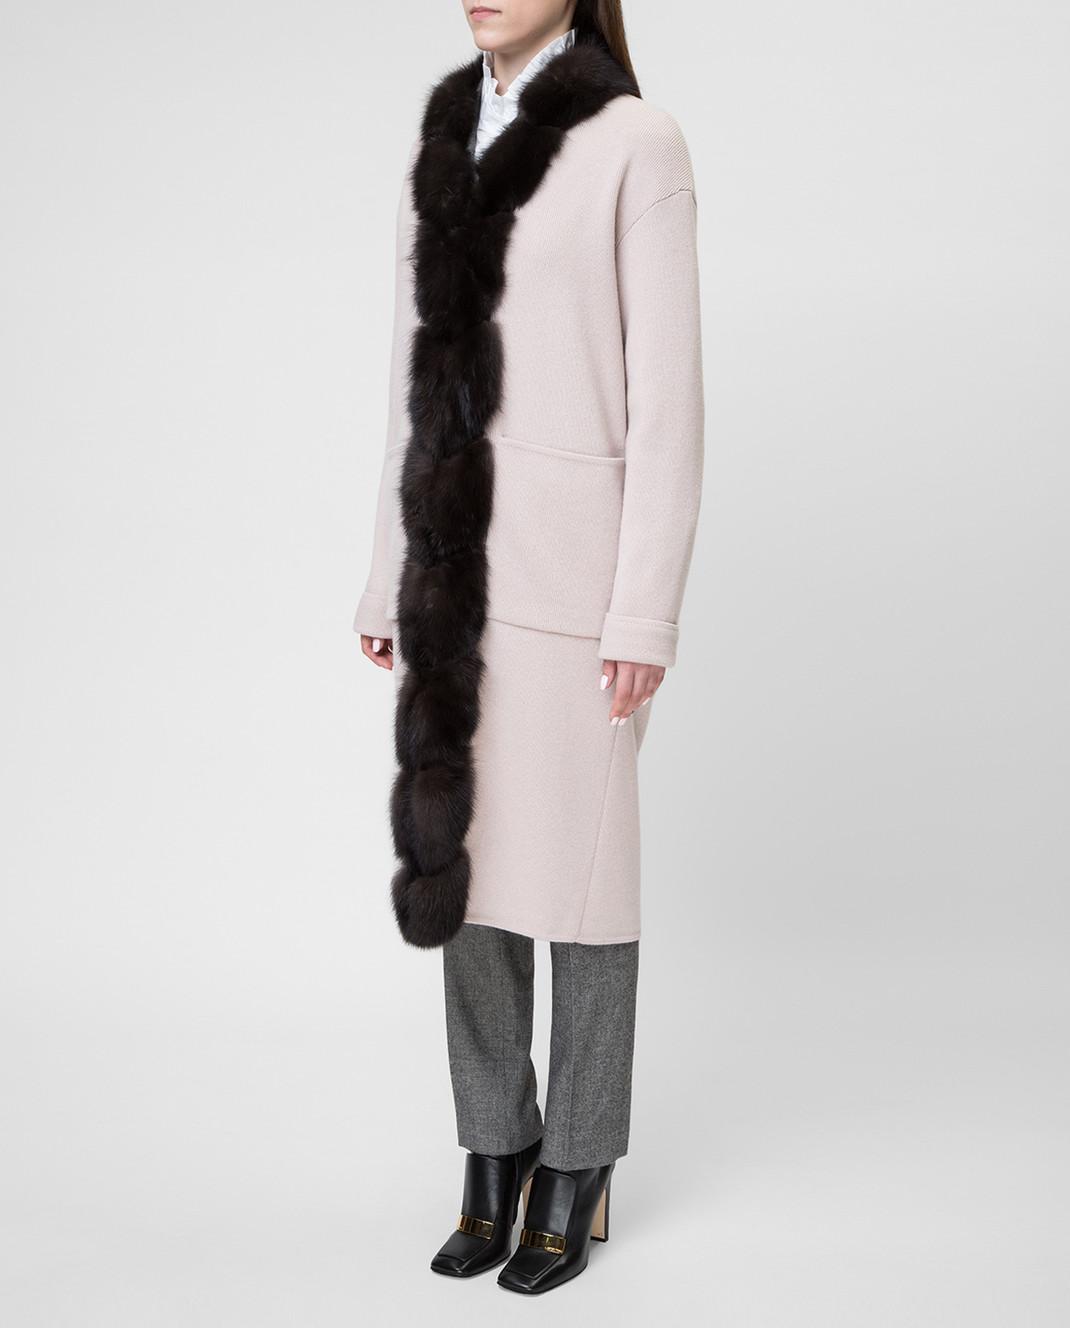 Real Furs House Бежевое пальто CSR01 изображение 3